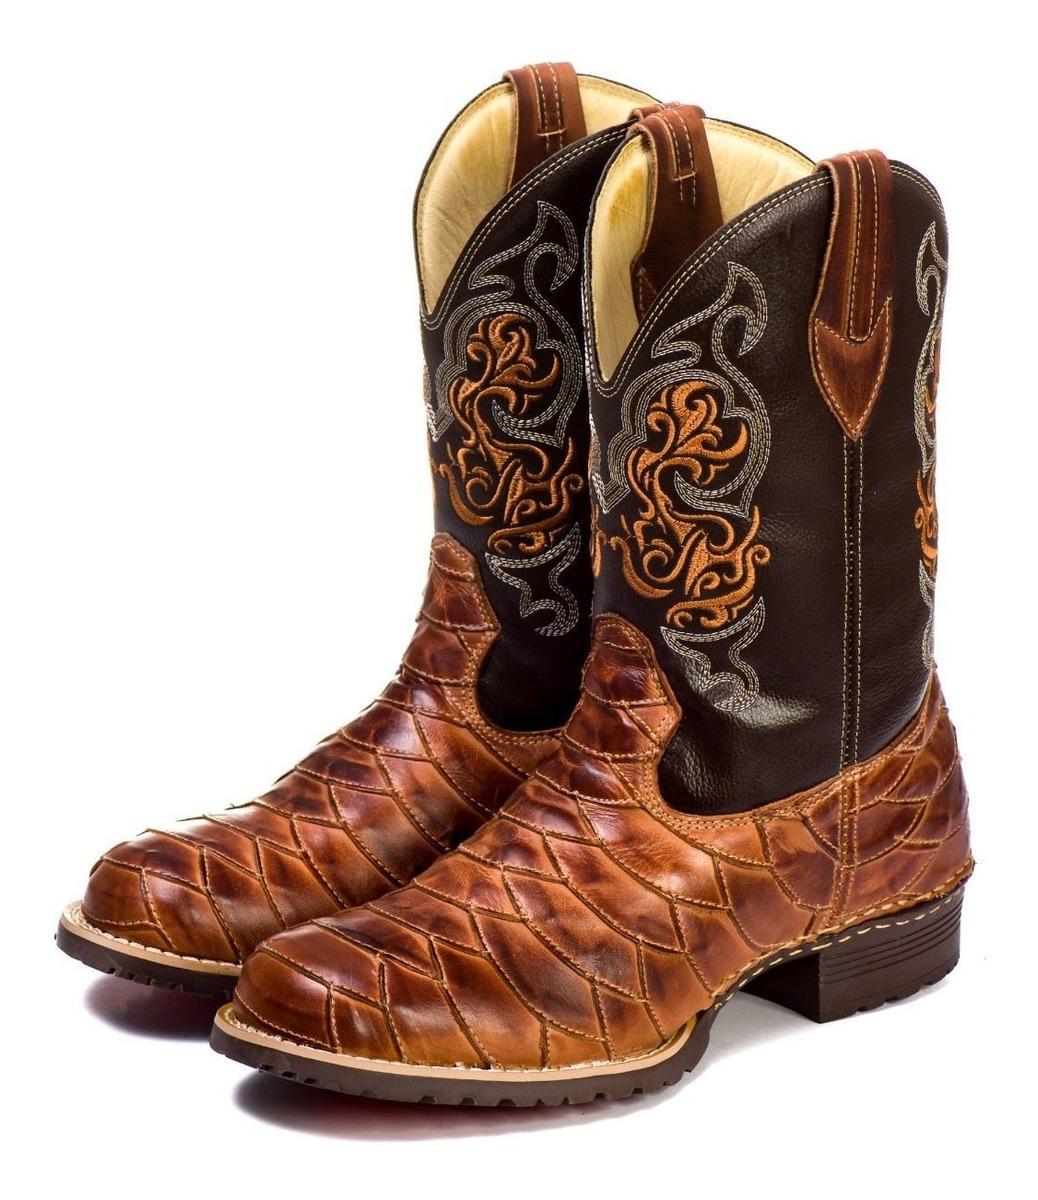 cefa2735e9 bota country masculina cano longo texana escamada 100% couro. Carregando  zoom.